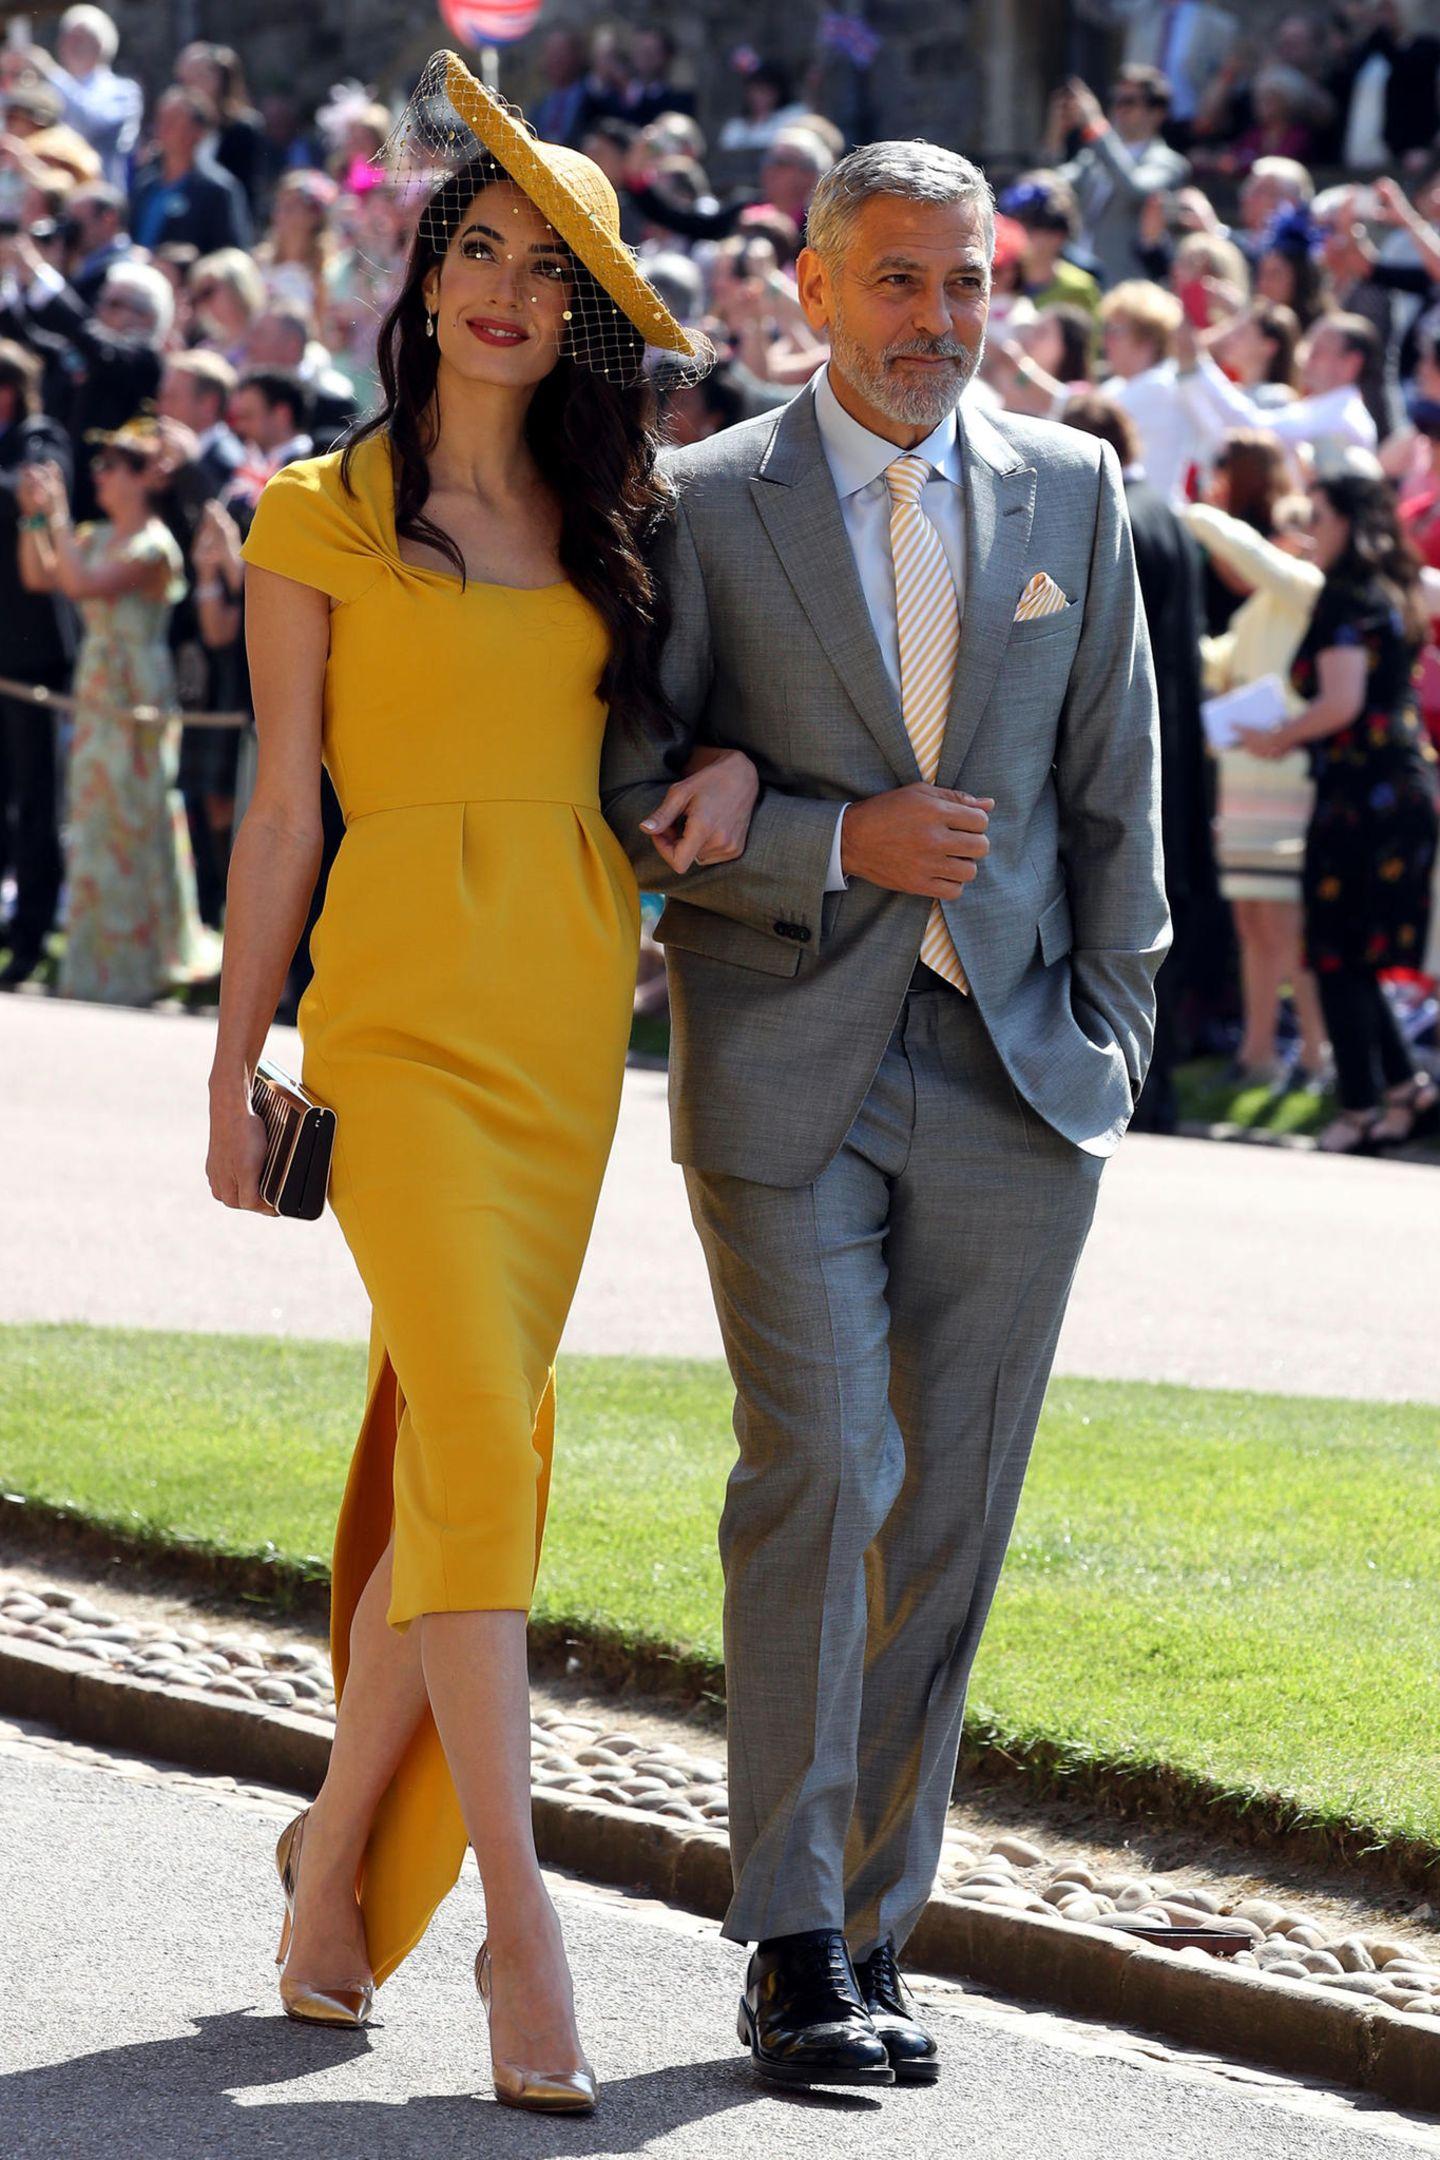 Die Zwillinge von Amal und George Clooney  George und Amal Clooney sind mit dem Herzogspaar von Sussex befreundet. Ihre Zwillinge Alexander und Ella werden etwa zwei Jahre älter sein als das Kind von Meghan und Harry. Gut möglich, dass die drei Kids ein unschlagbares Trio bilden werden.